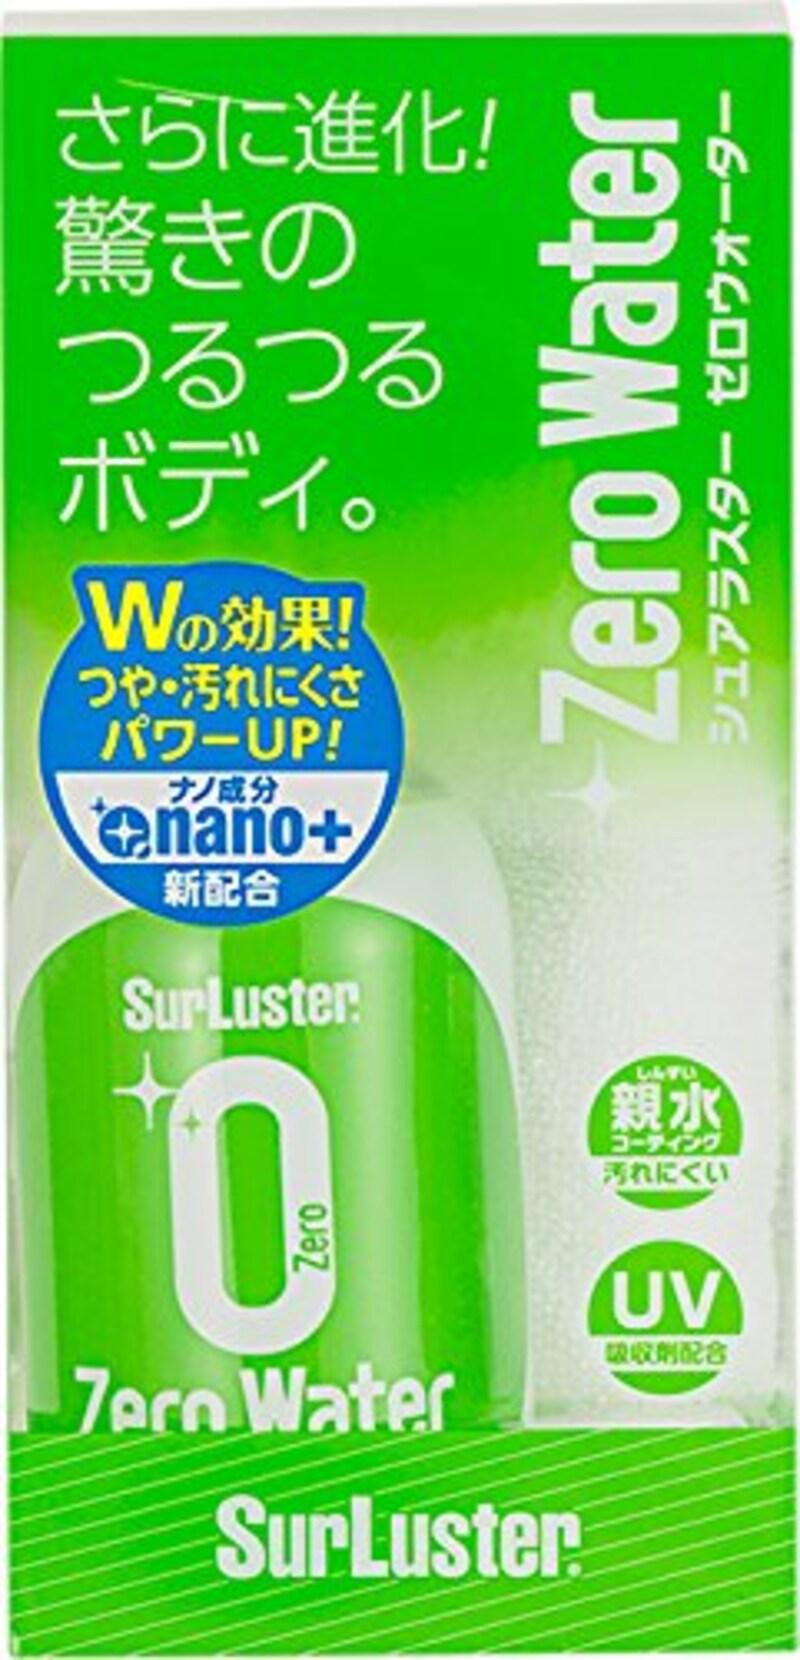 シュアラスター ,コーティング剤 [親水] ゼロウォーター 280ml SurLuster ,S-108